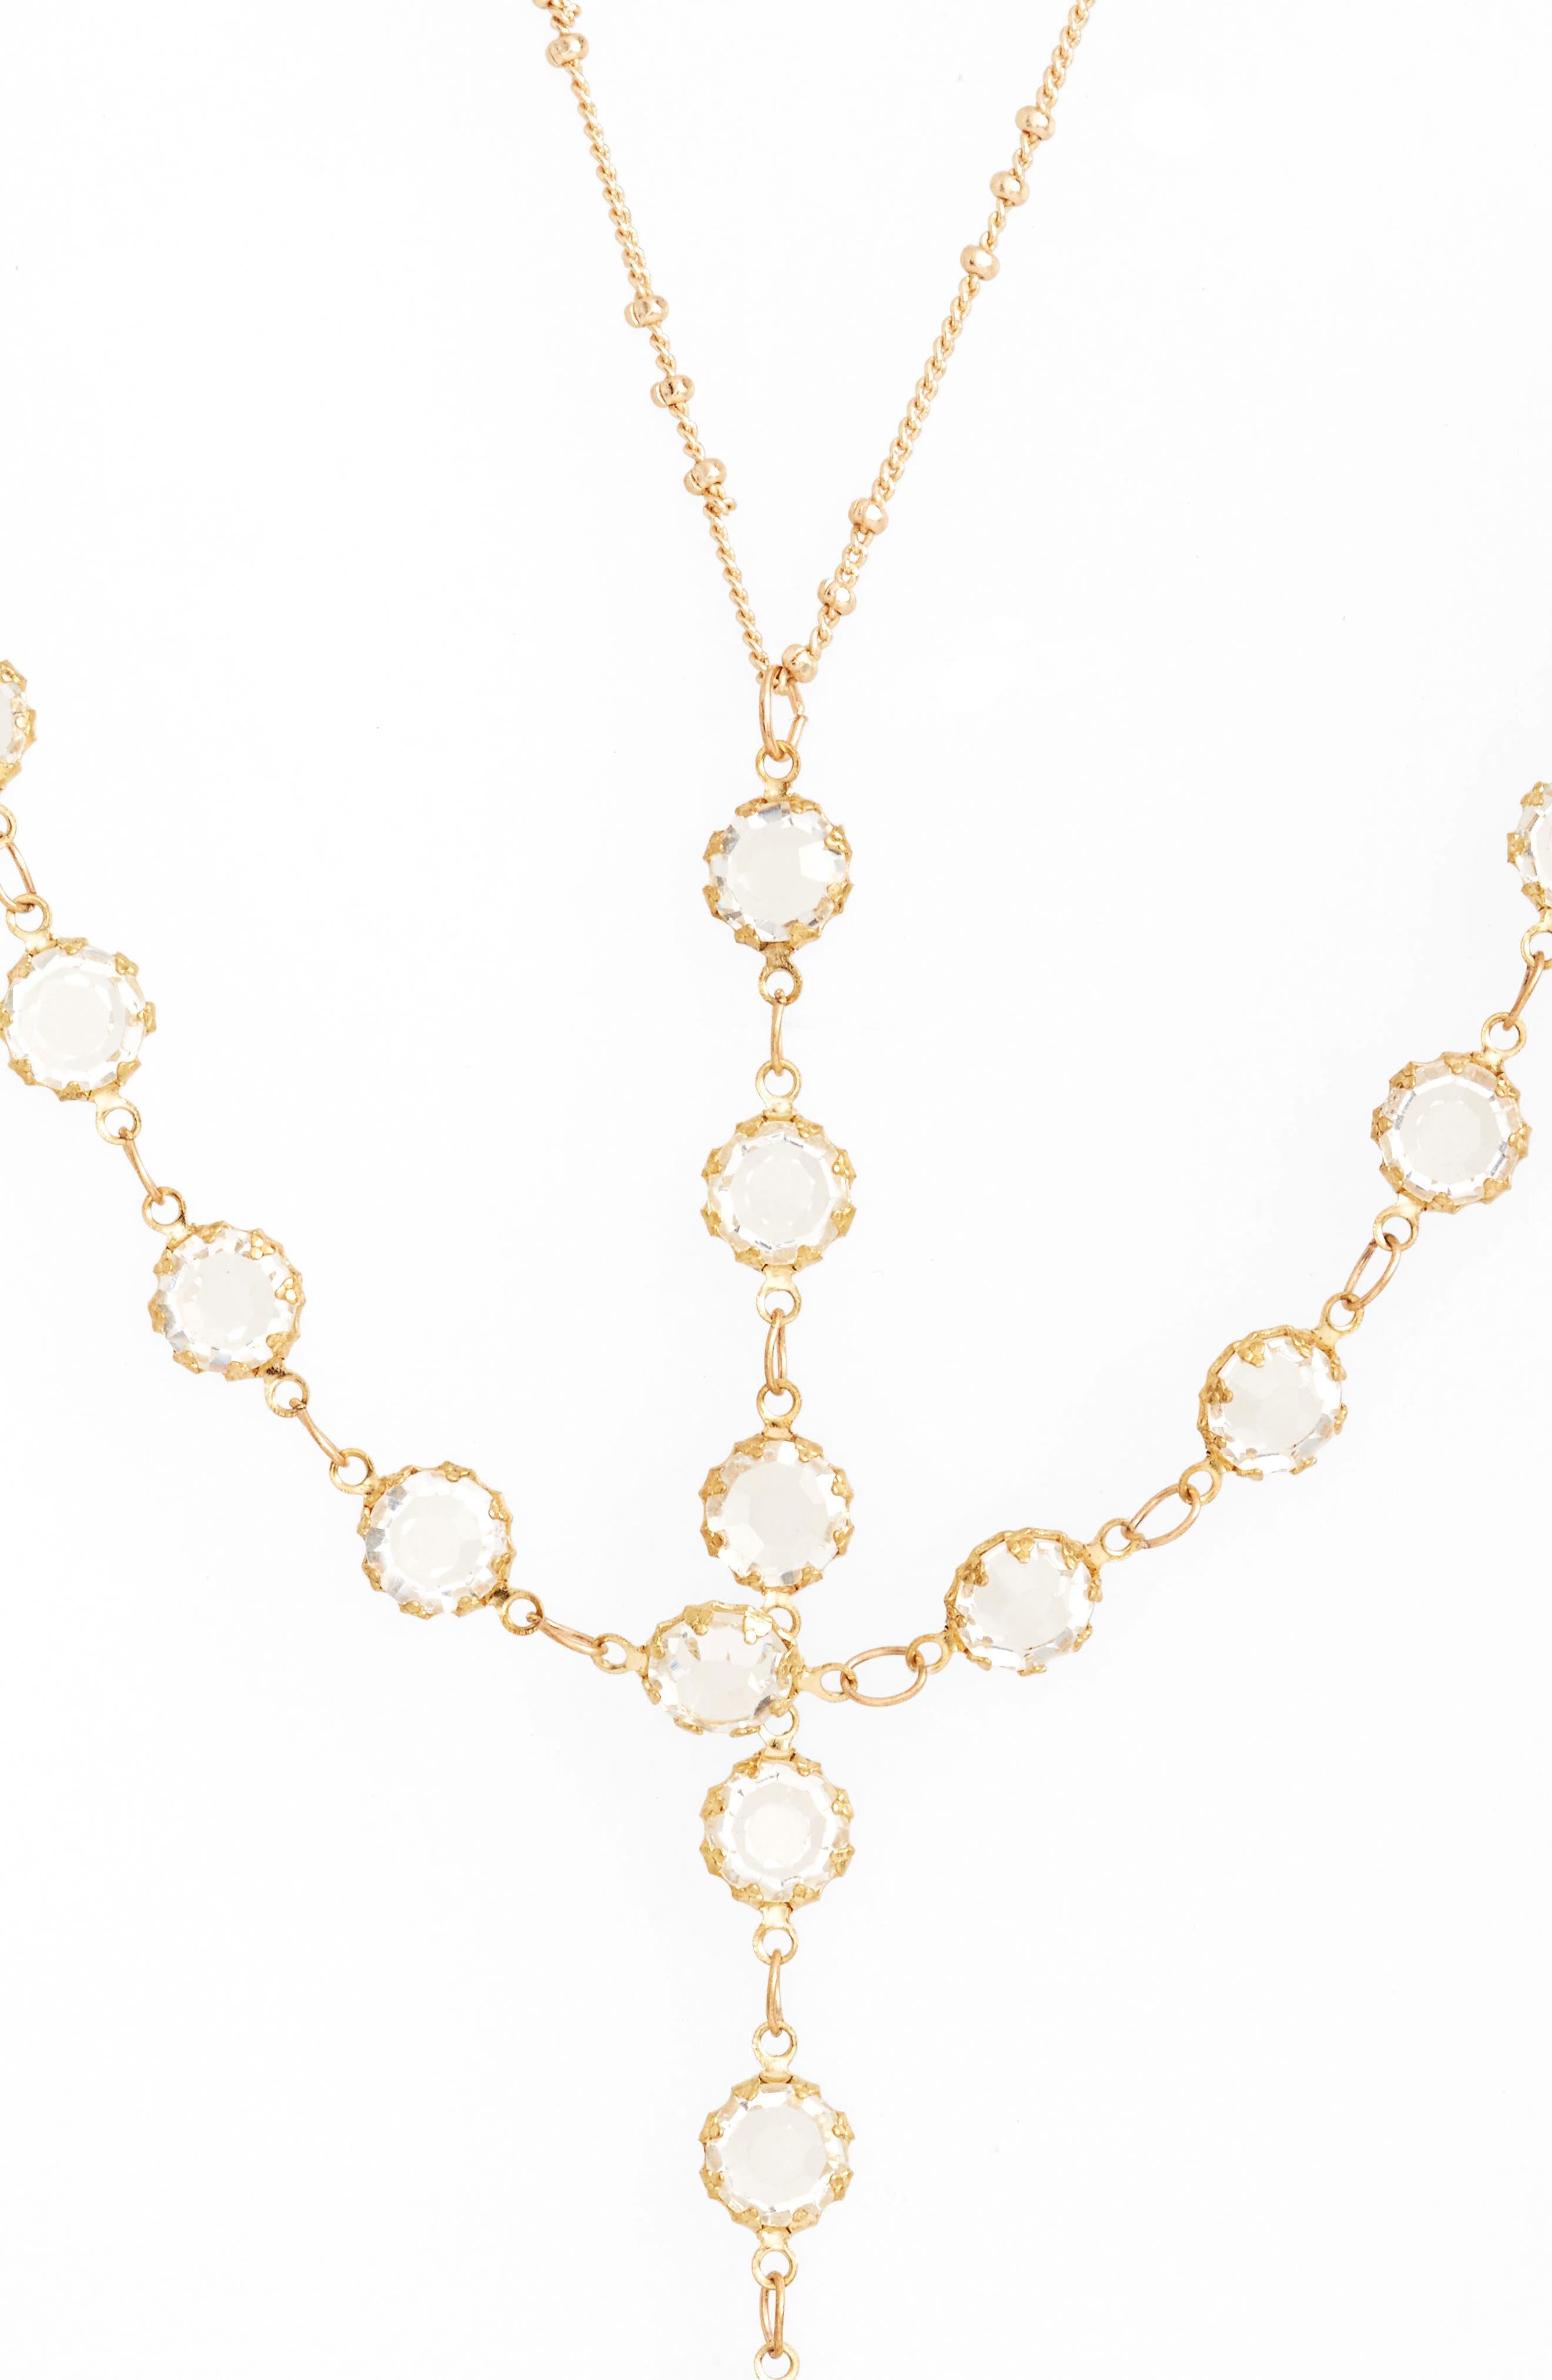 Vintage Crystal Y-Necklace,                         Main,                         color, Gold/ Crystal